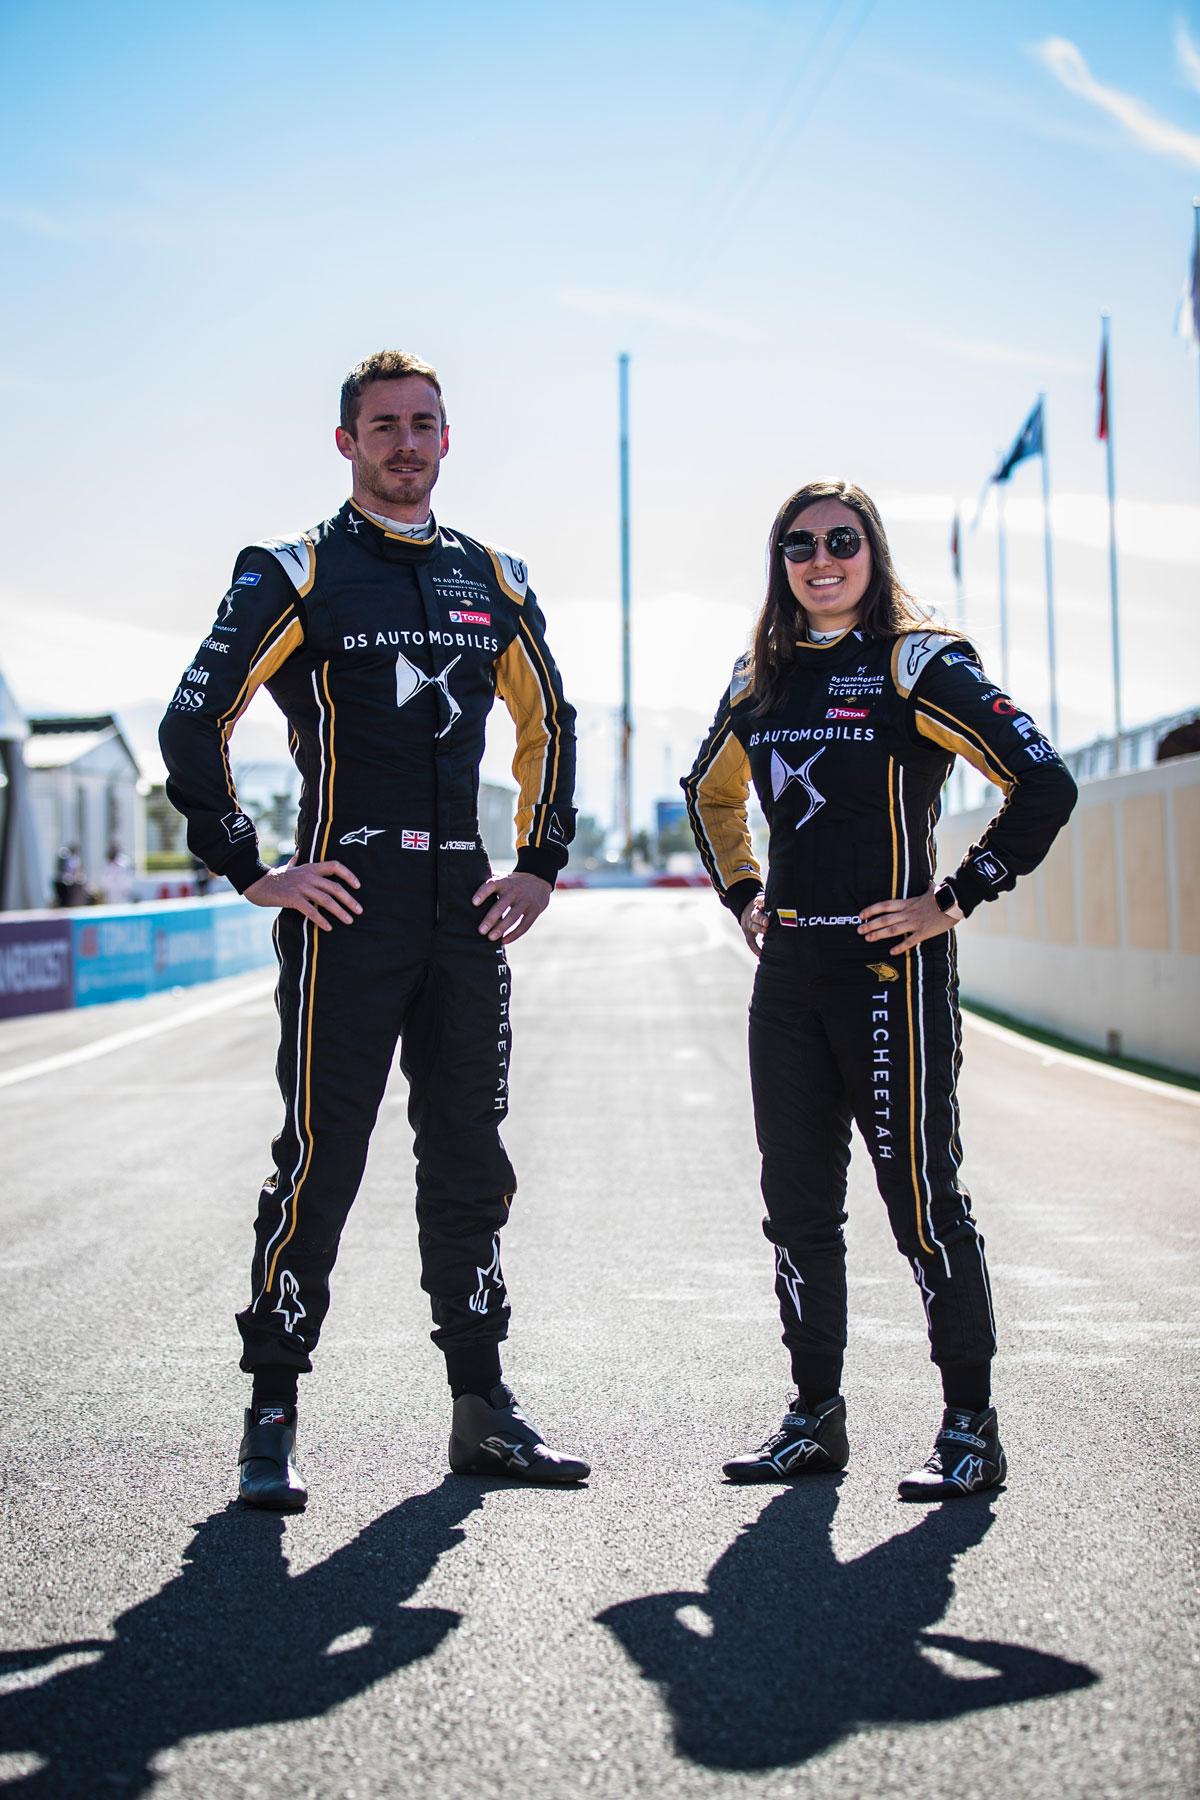 Formular E Fahrer & Fahrerin